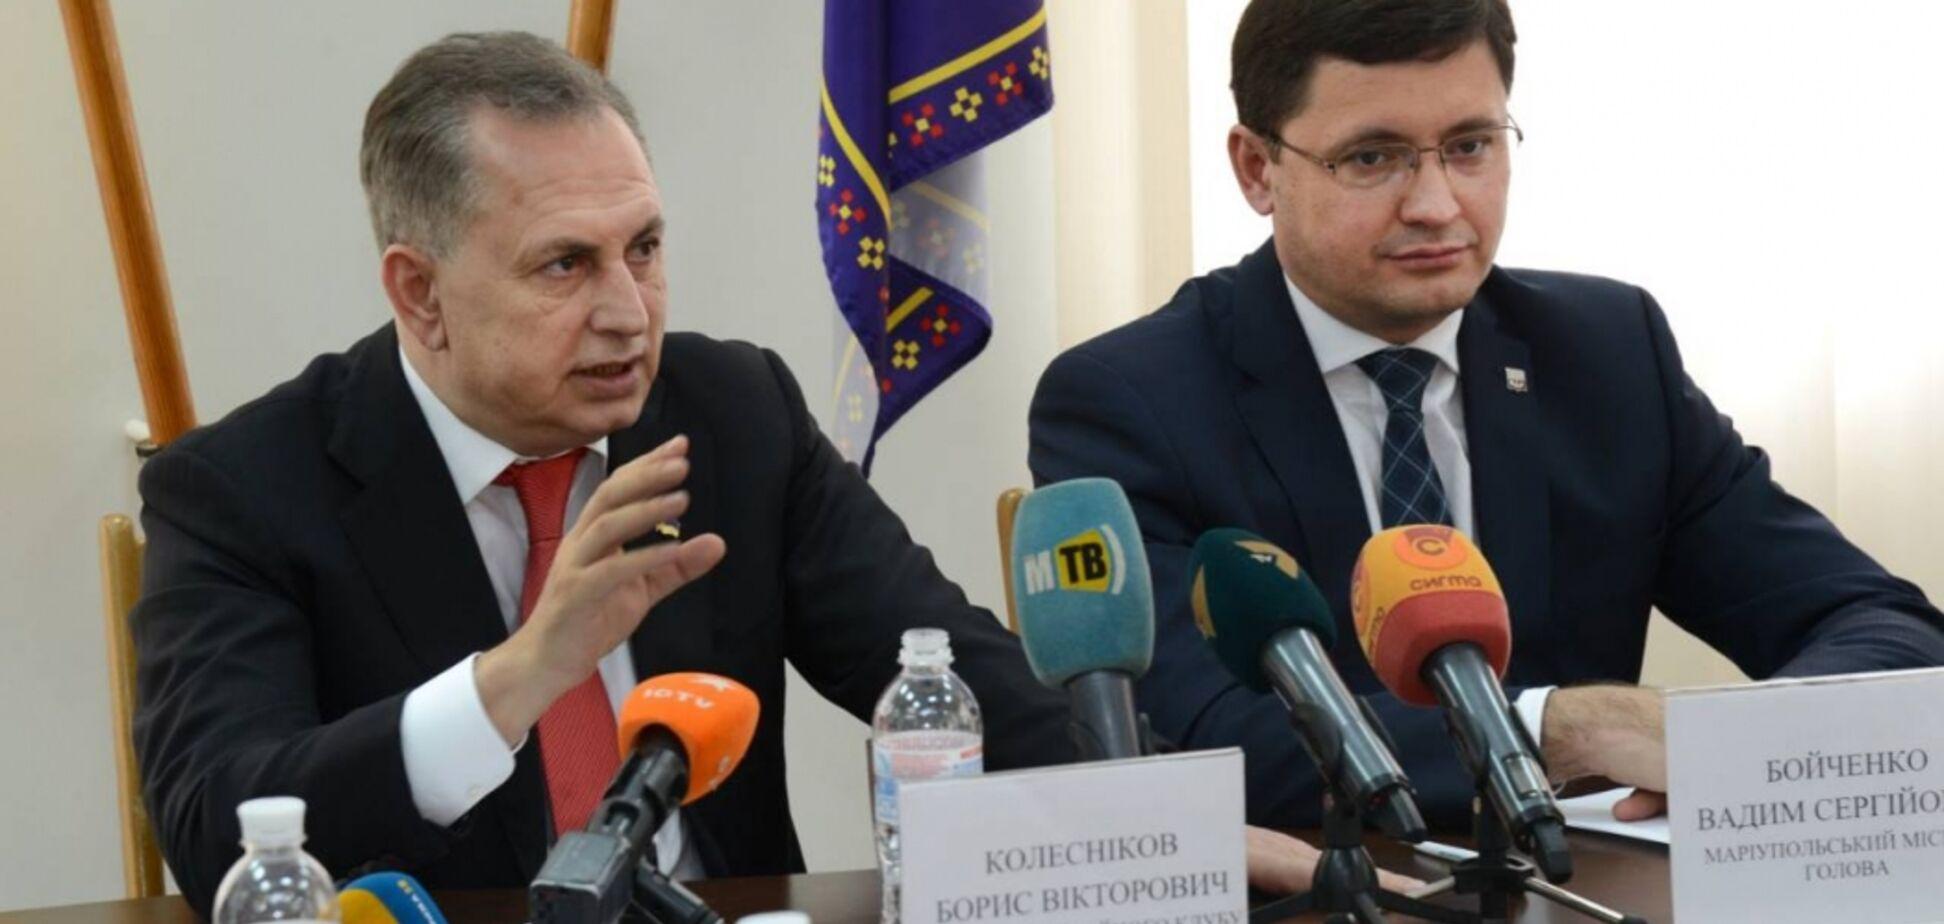 Колесников анонсировал строительство двух ледовых площадок в Мариуполе